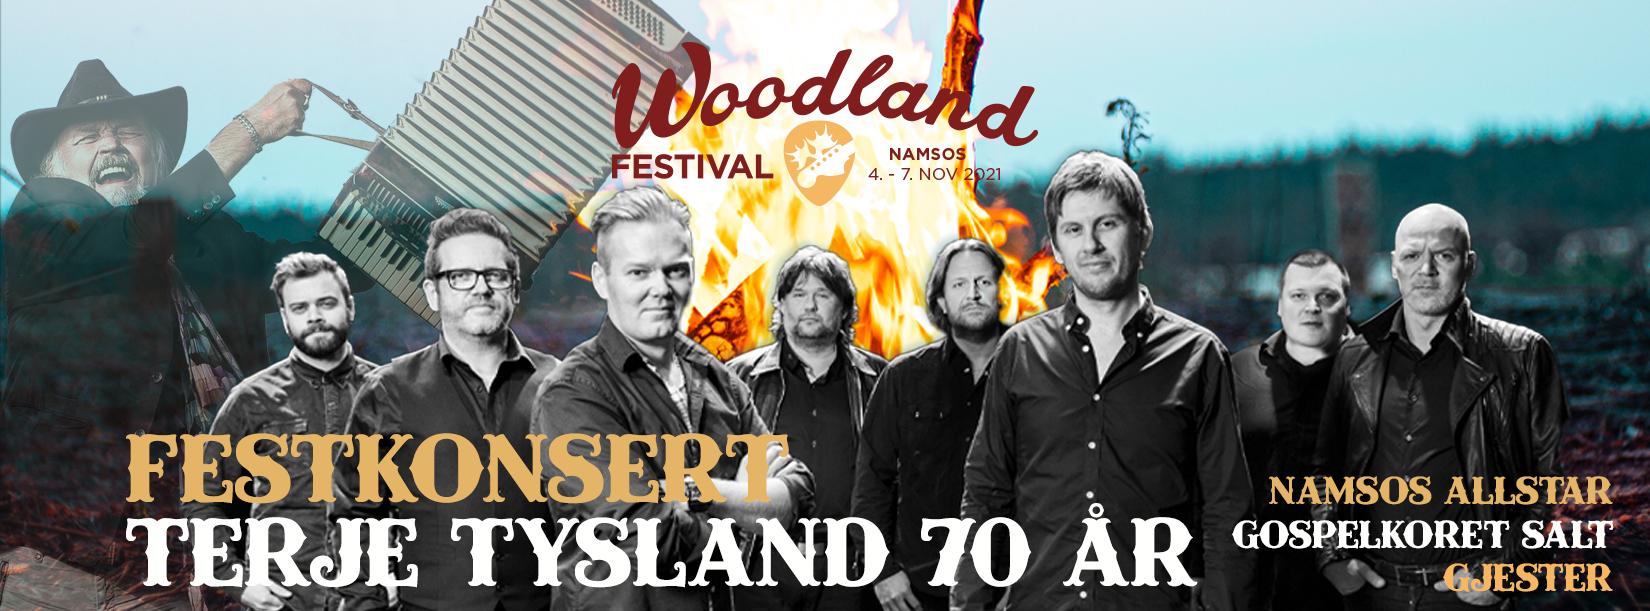 Forsidebilde-woodland-festkonsert